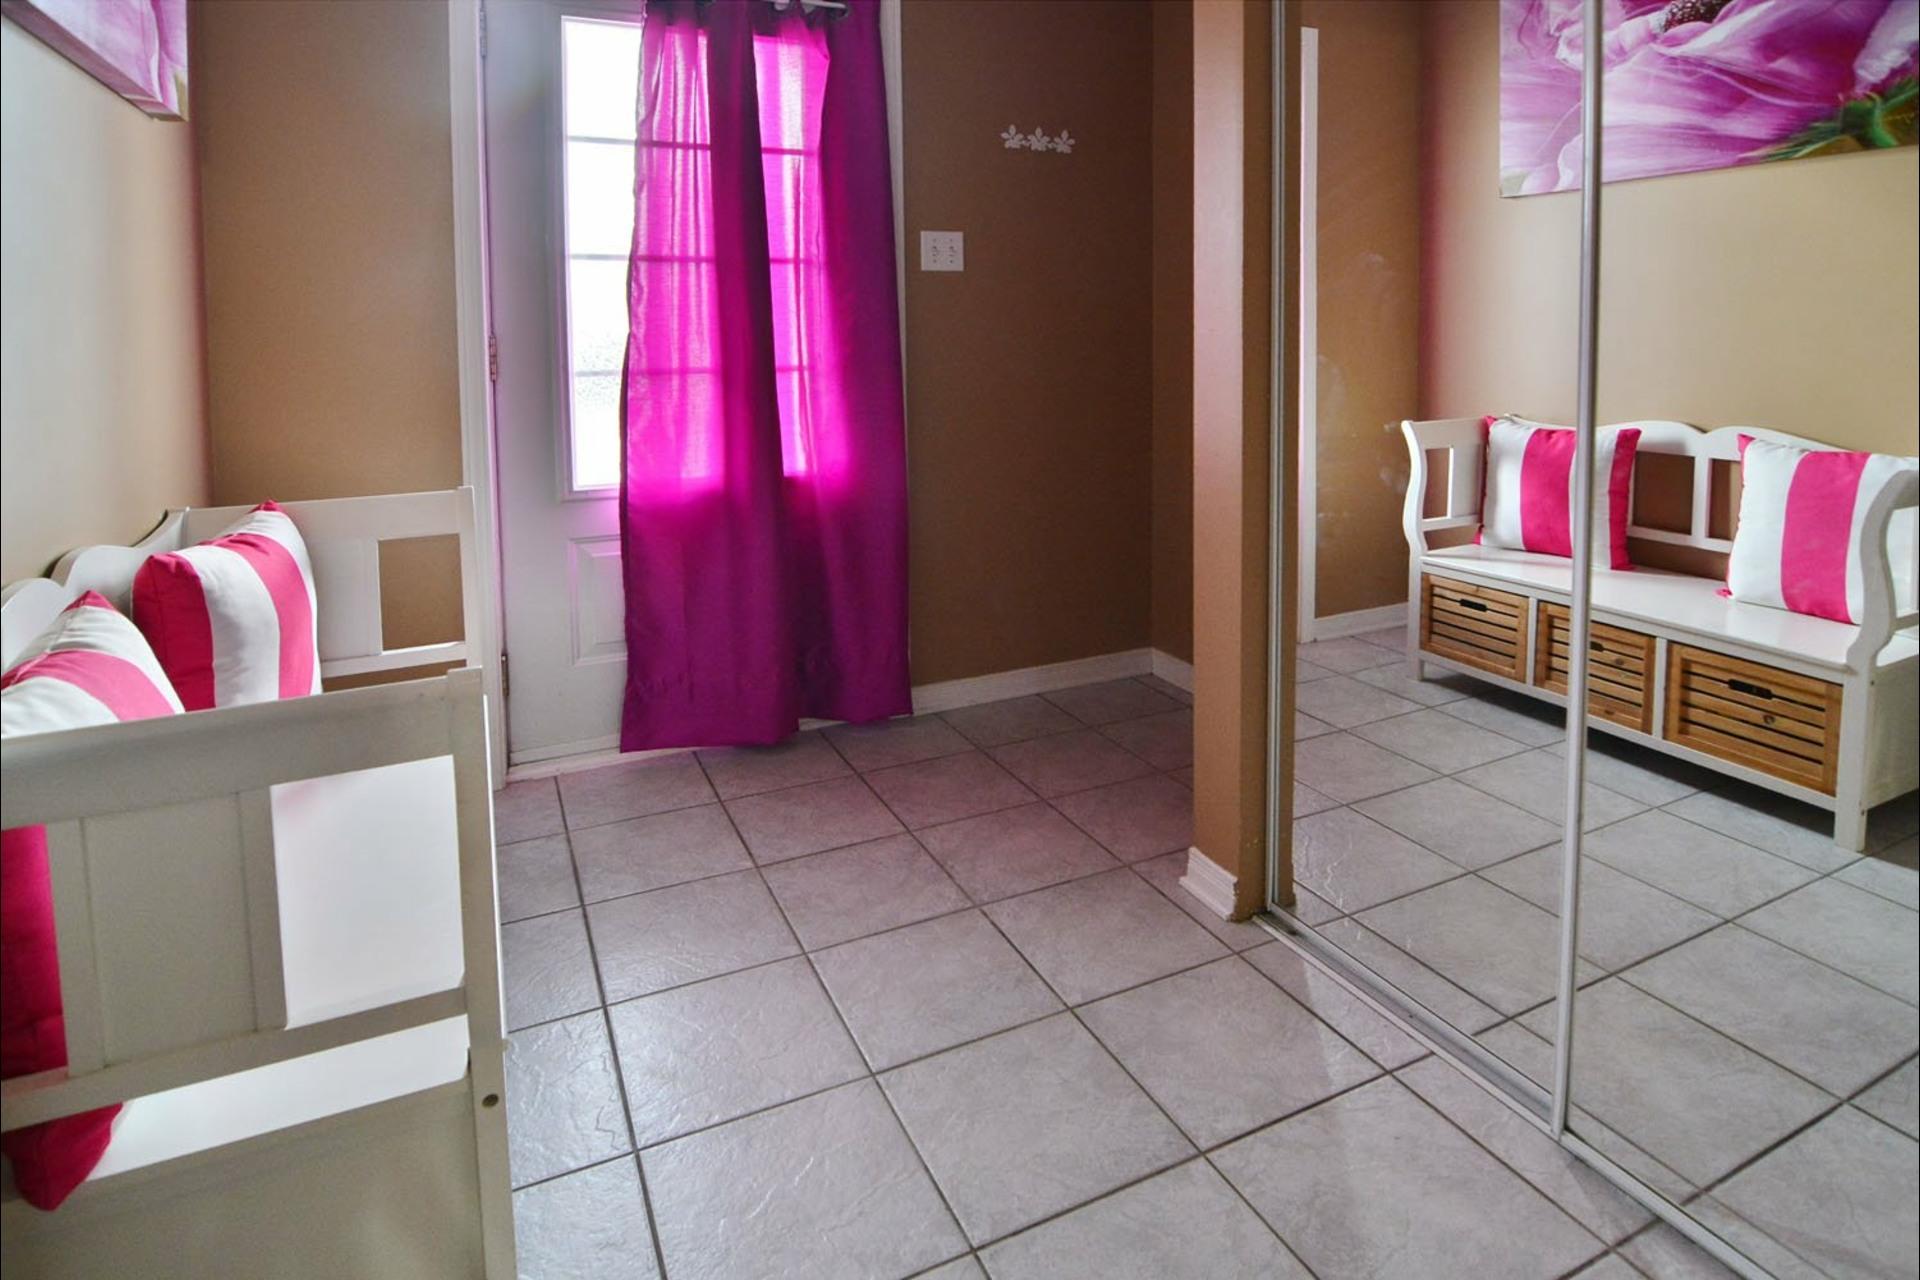 image 4 - Maison À vendre Vaudreuil-Dorion - 14 pièces